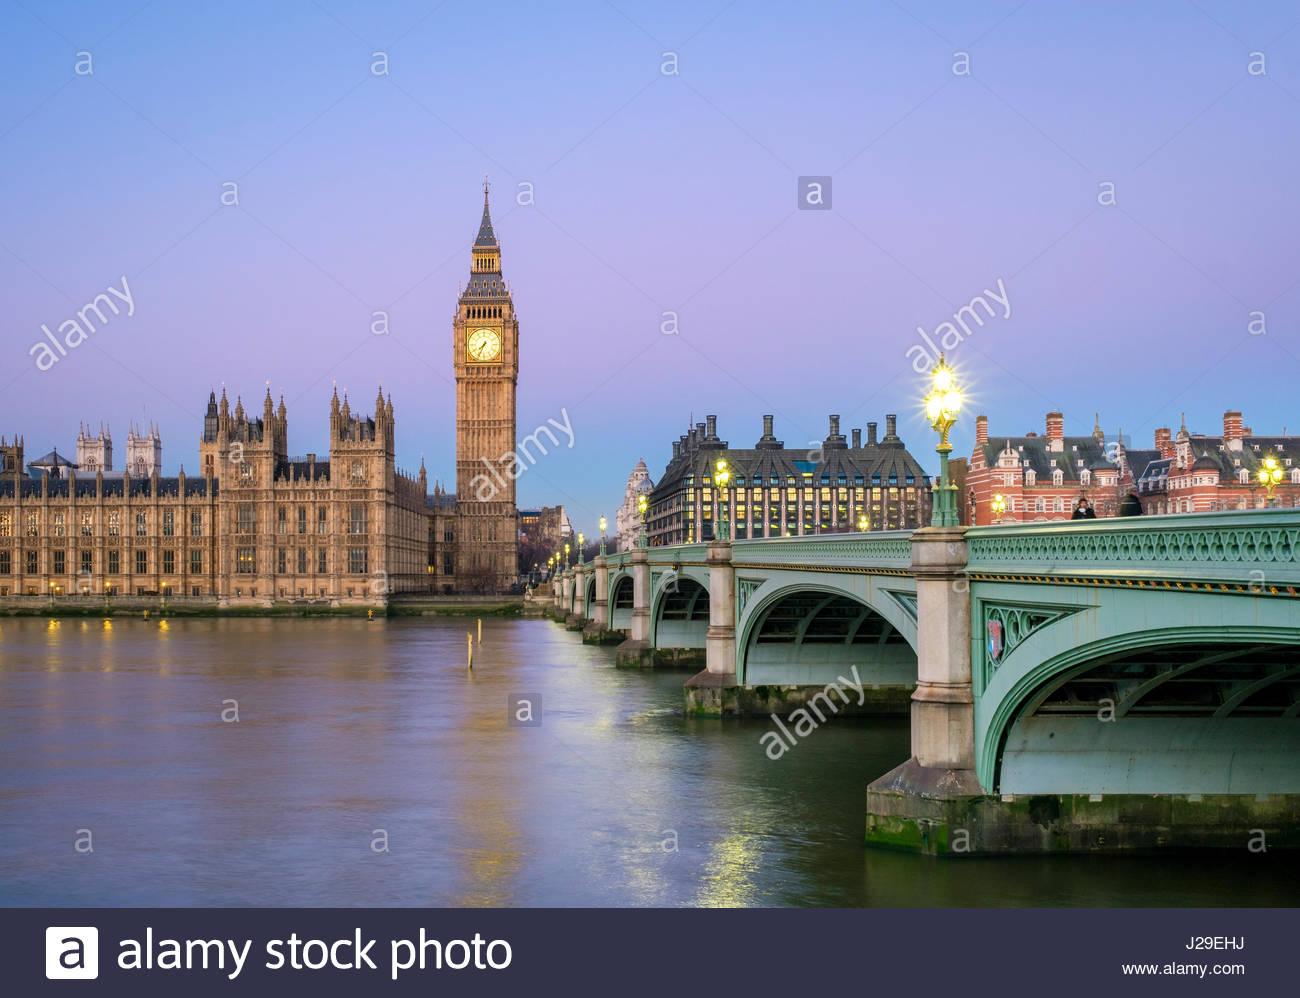 Regno Unito, Inghilterra, Londra. Westminster Bridge, Palazzo di Westminster e la torre dell orologio del Big Ben Foto Stock